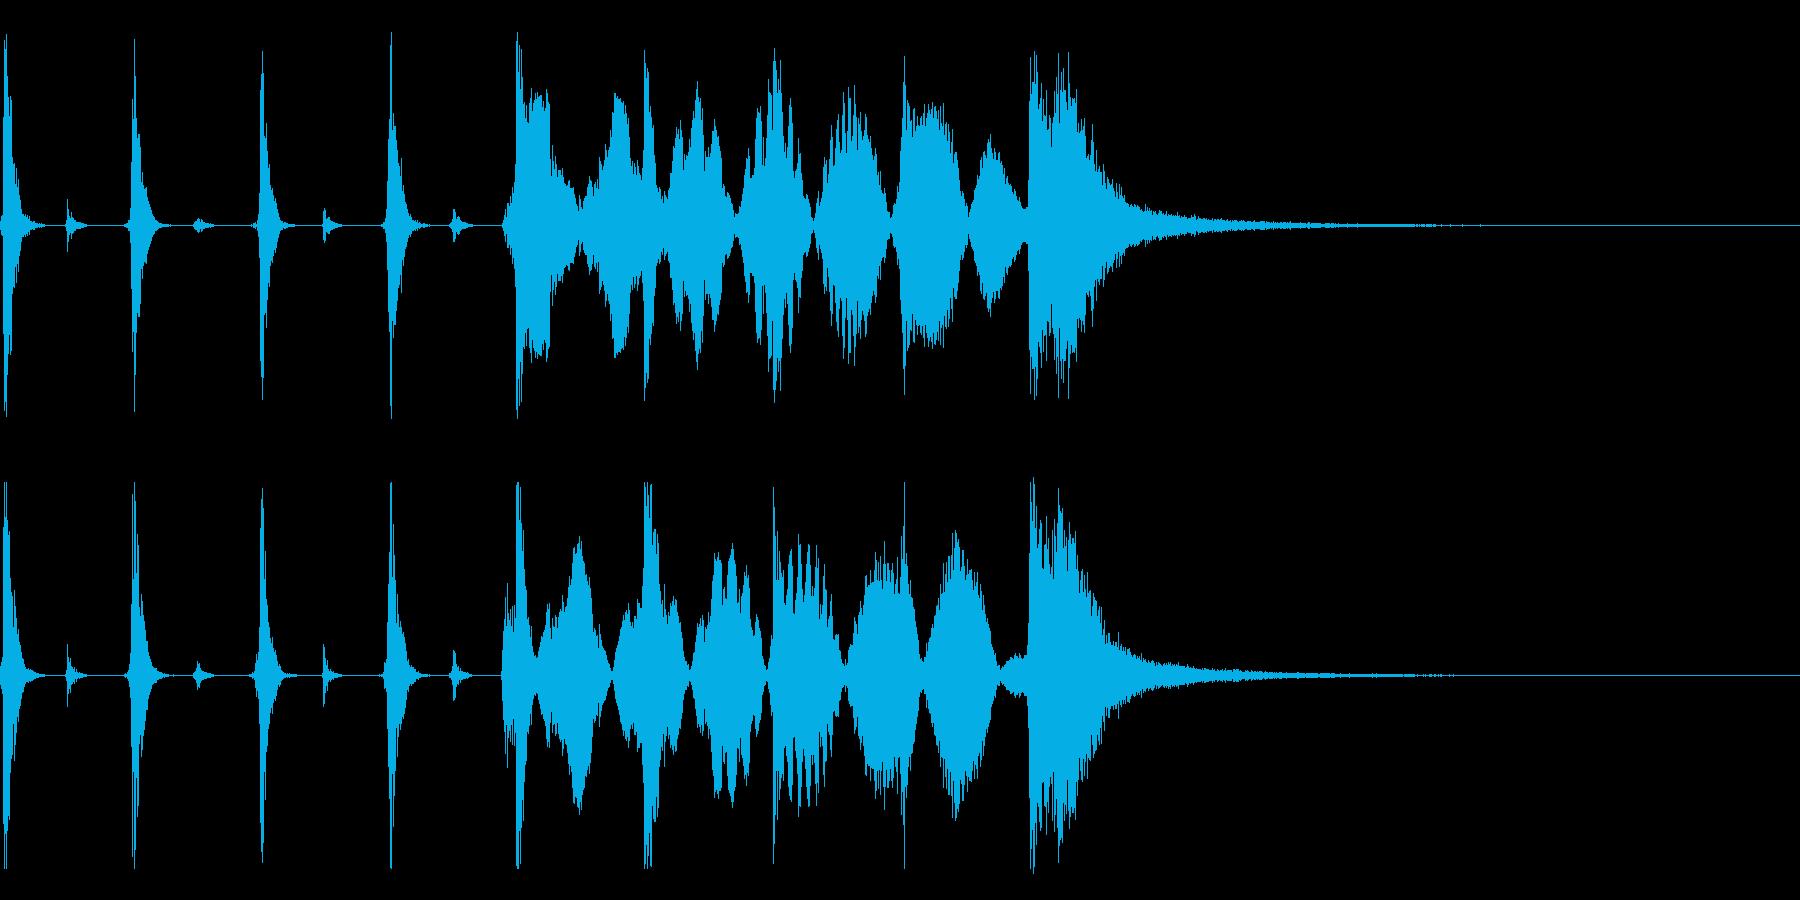 シンキングタイム用/秒針の効果音 !5の再生済みの波形